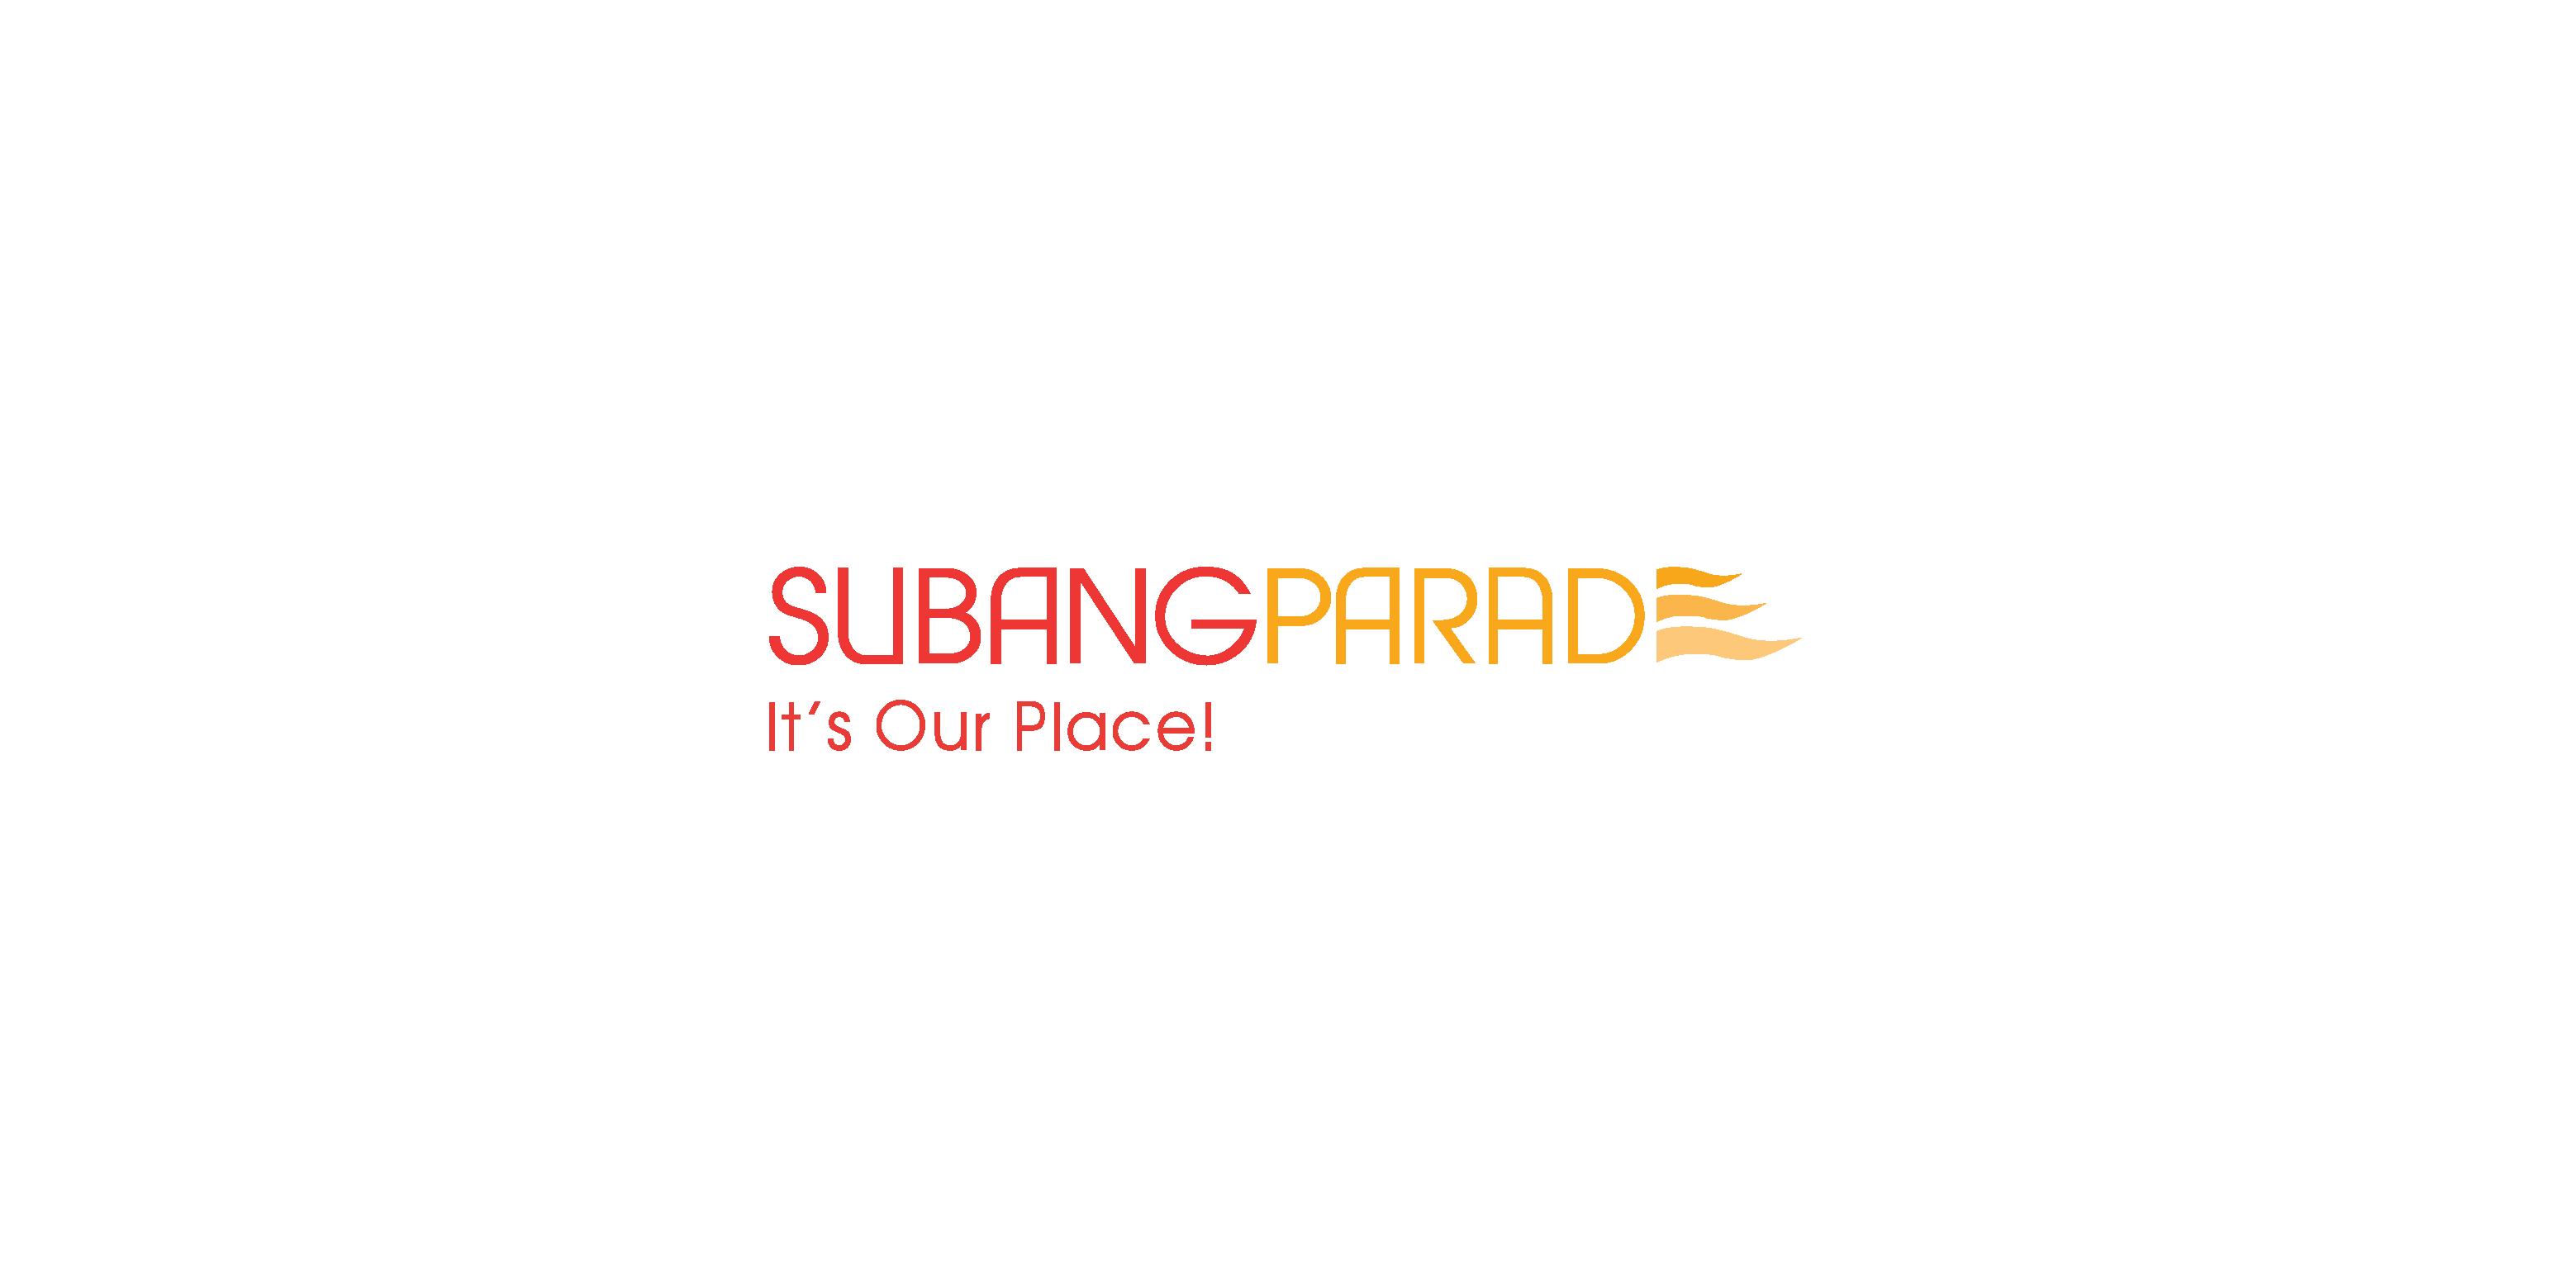 subang parade logo-01